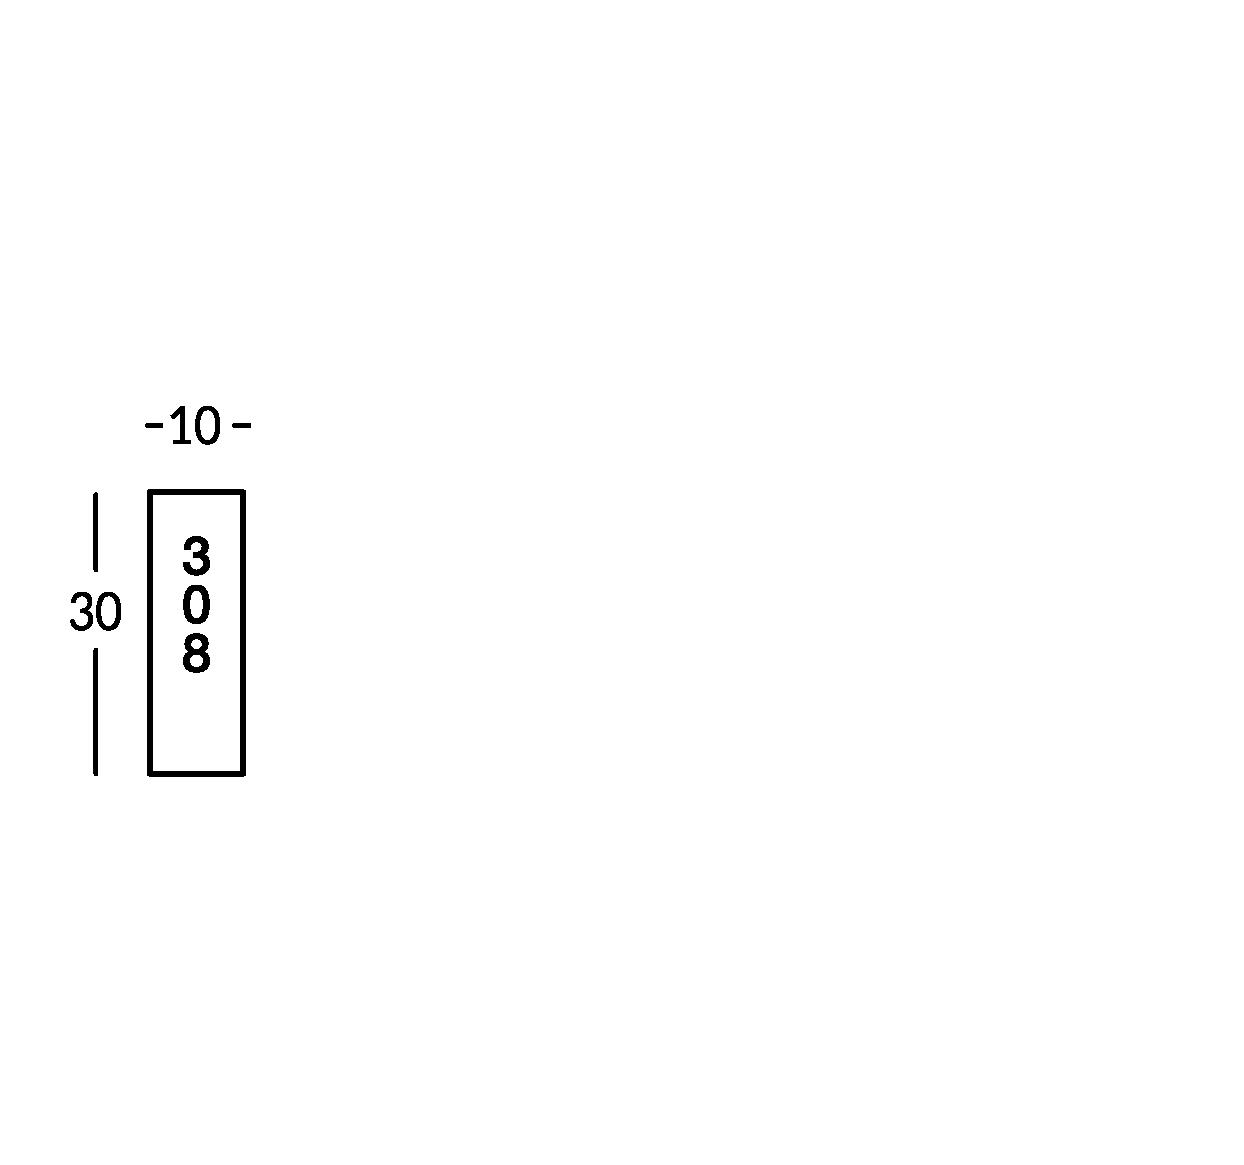 Linea di segnaletica in metallo o Plexiglas con caratteri traforati; supporto in Plexiglas da 1,5 cm. Necessita di corrente a 12V stabilizzati e continui. Al momento dell'ordine saranno comunicate le caratteristiche dell'alimentatore che non è incluso.